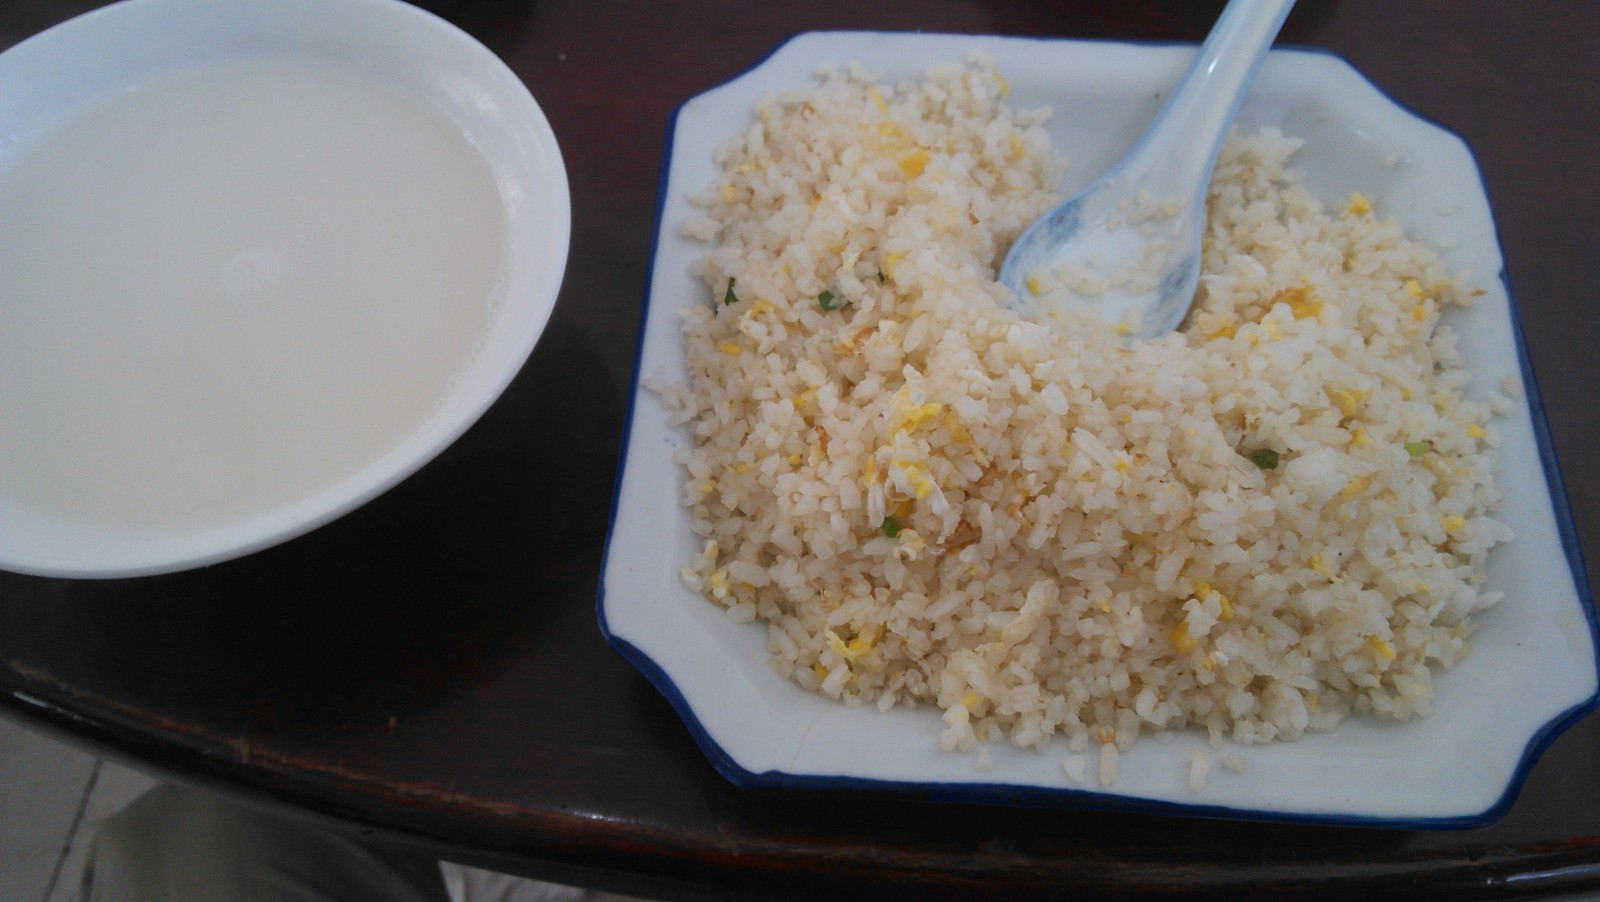 早上起来吃碗蛋炒饭什么的:-)美好一天即将开始~